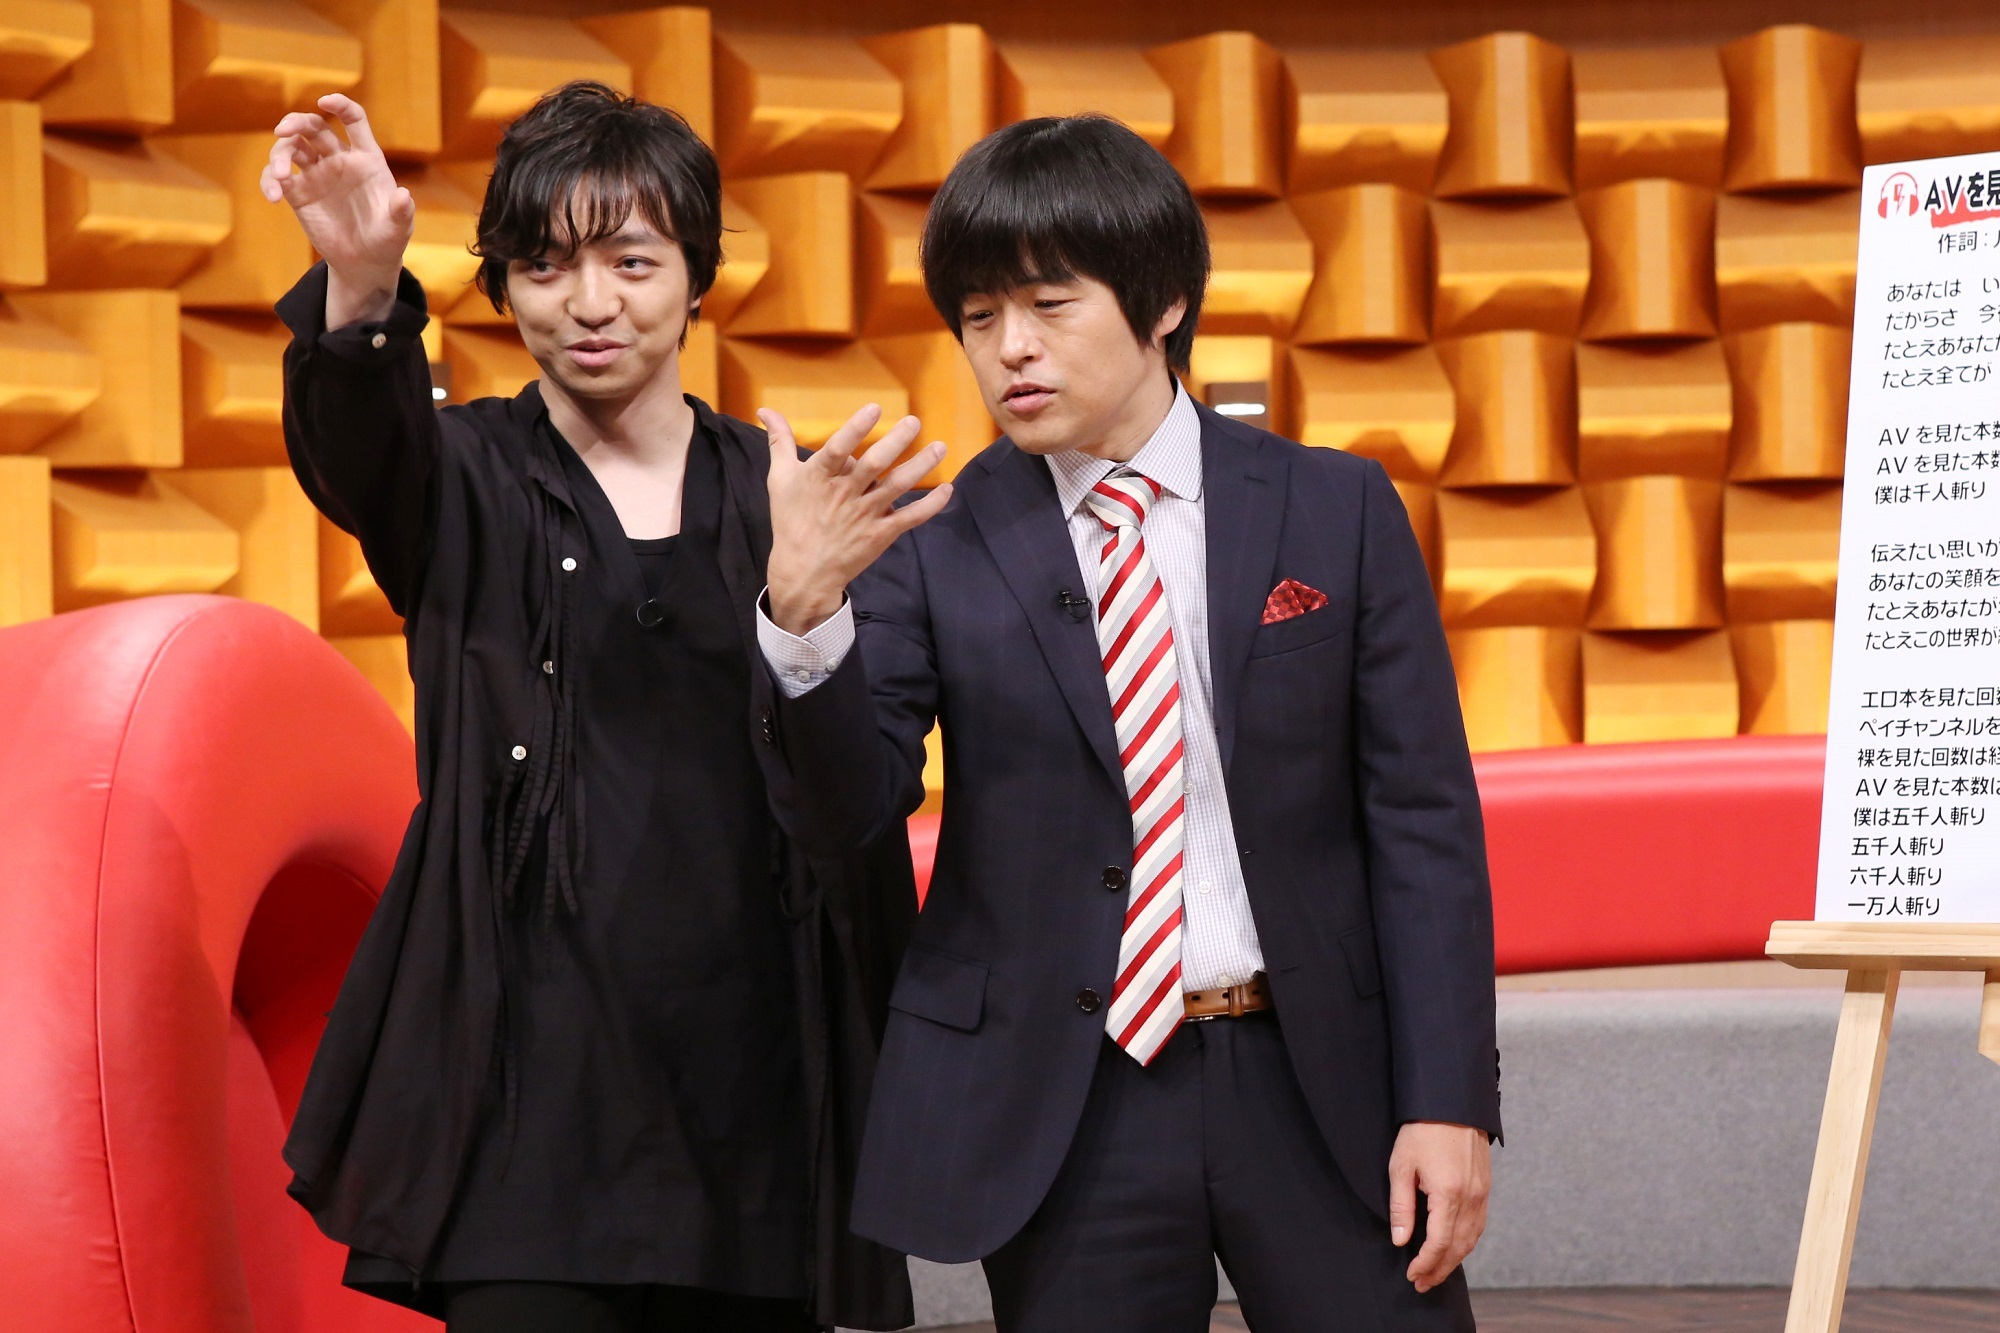 三浦大知、バカリズム  (C)NTV